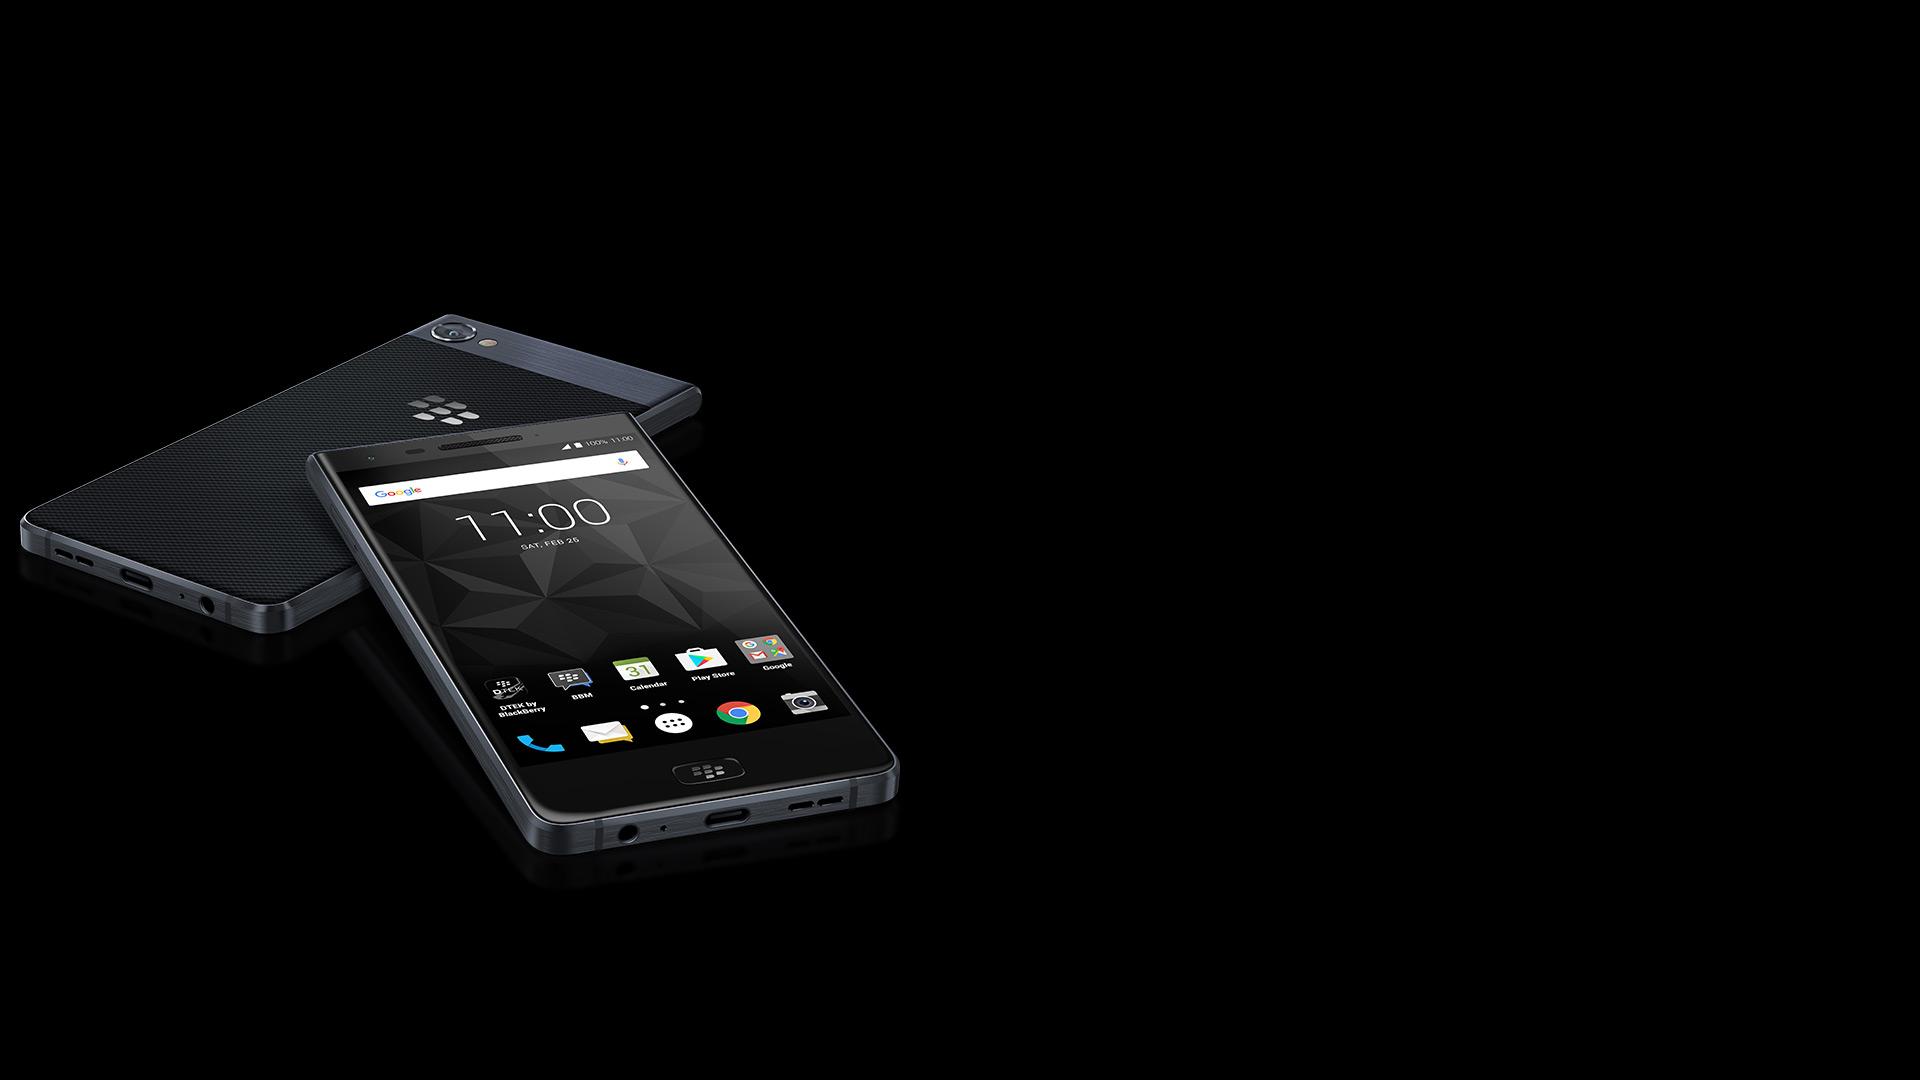 Blackberry Motion auf schwarzem Hintergrund